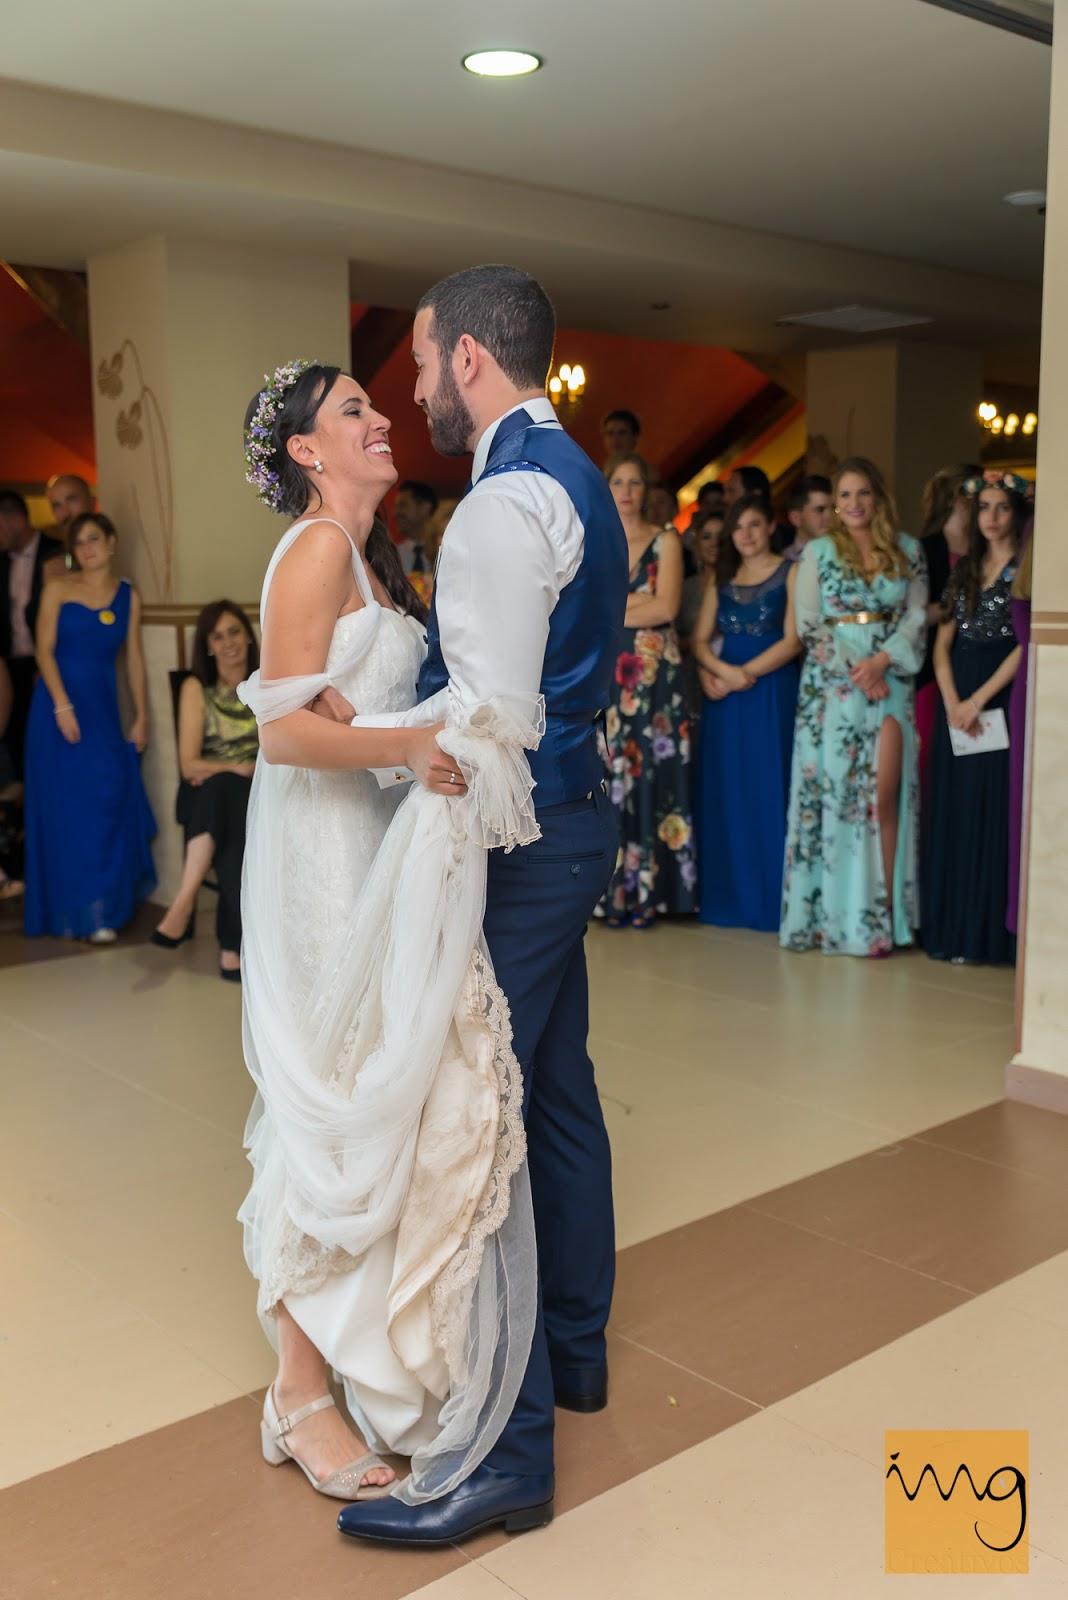 Fotografía de boda en el baile nupcial